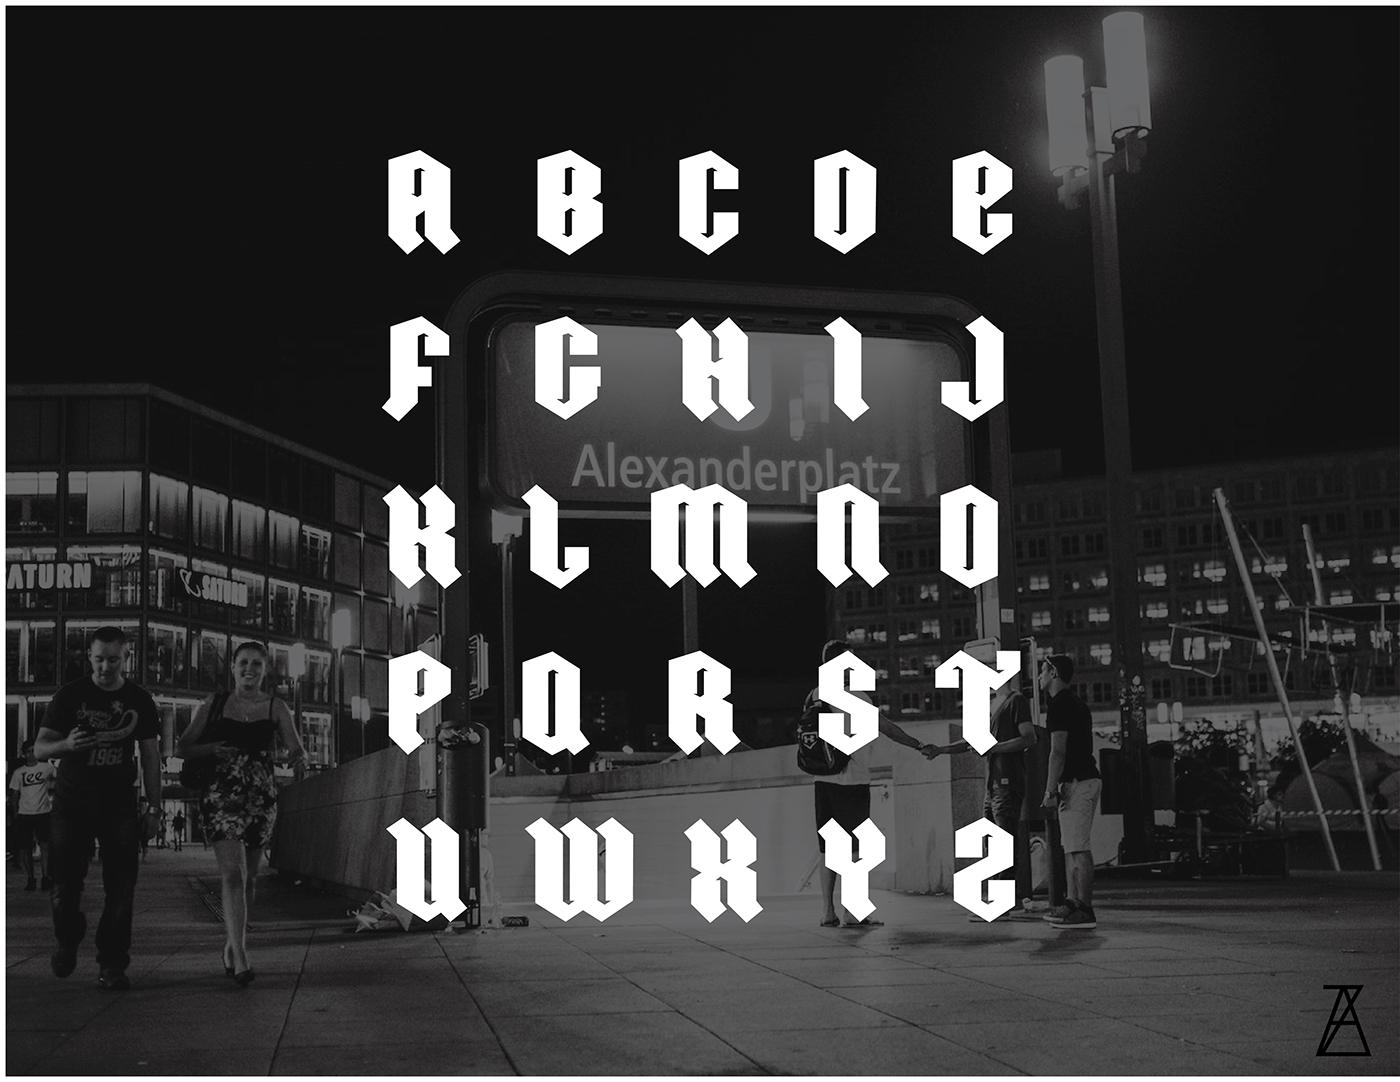 typo free font fraktura deutche german style german style font display font free display font Ordnung ordnung font przemyslaw zieba przemysław zięba typography design Free font